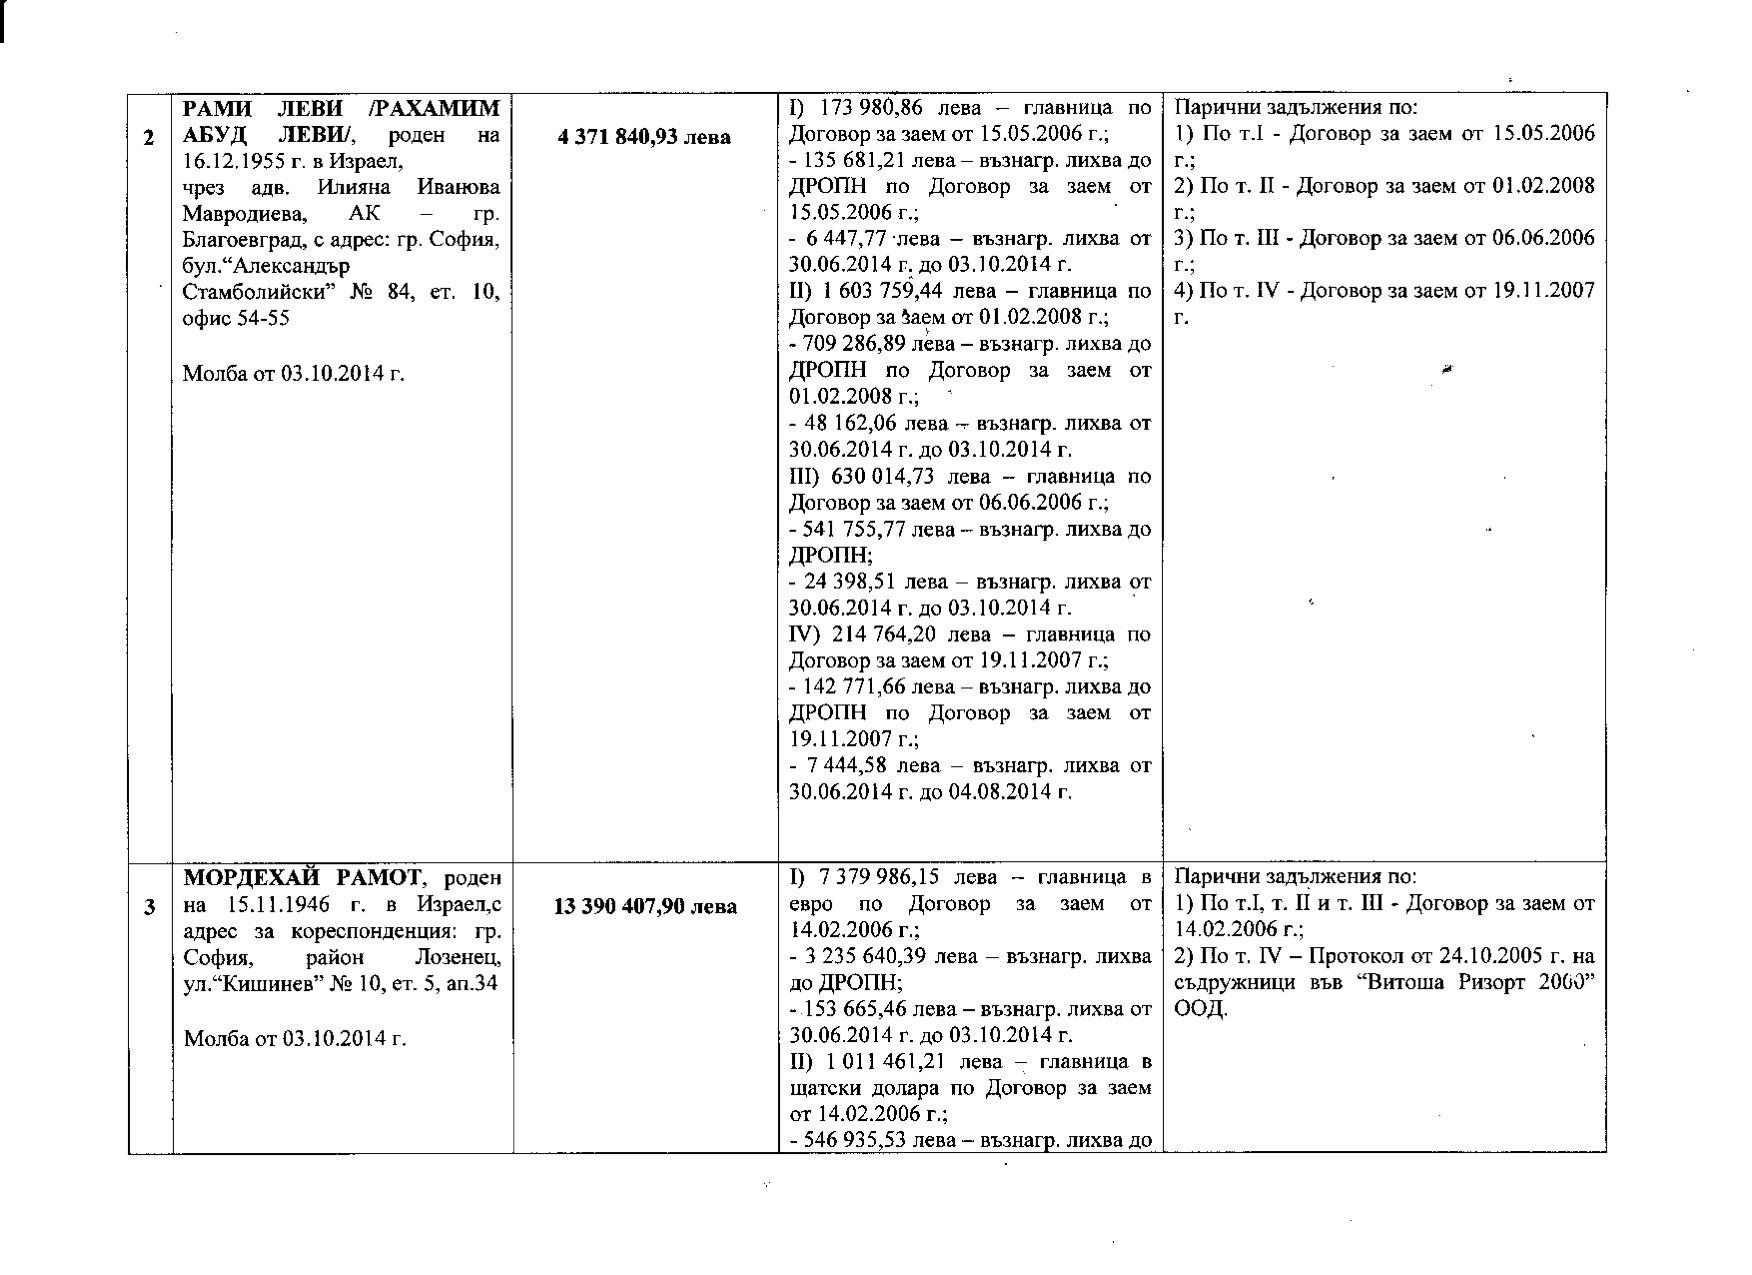 датчик уровня воды на Ne555 схема D0?еприети вз Of датчик уровня воды на Ne555 схема